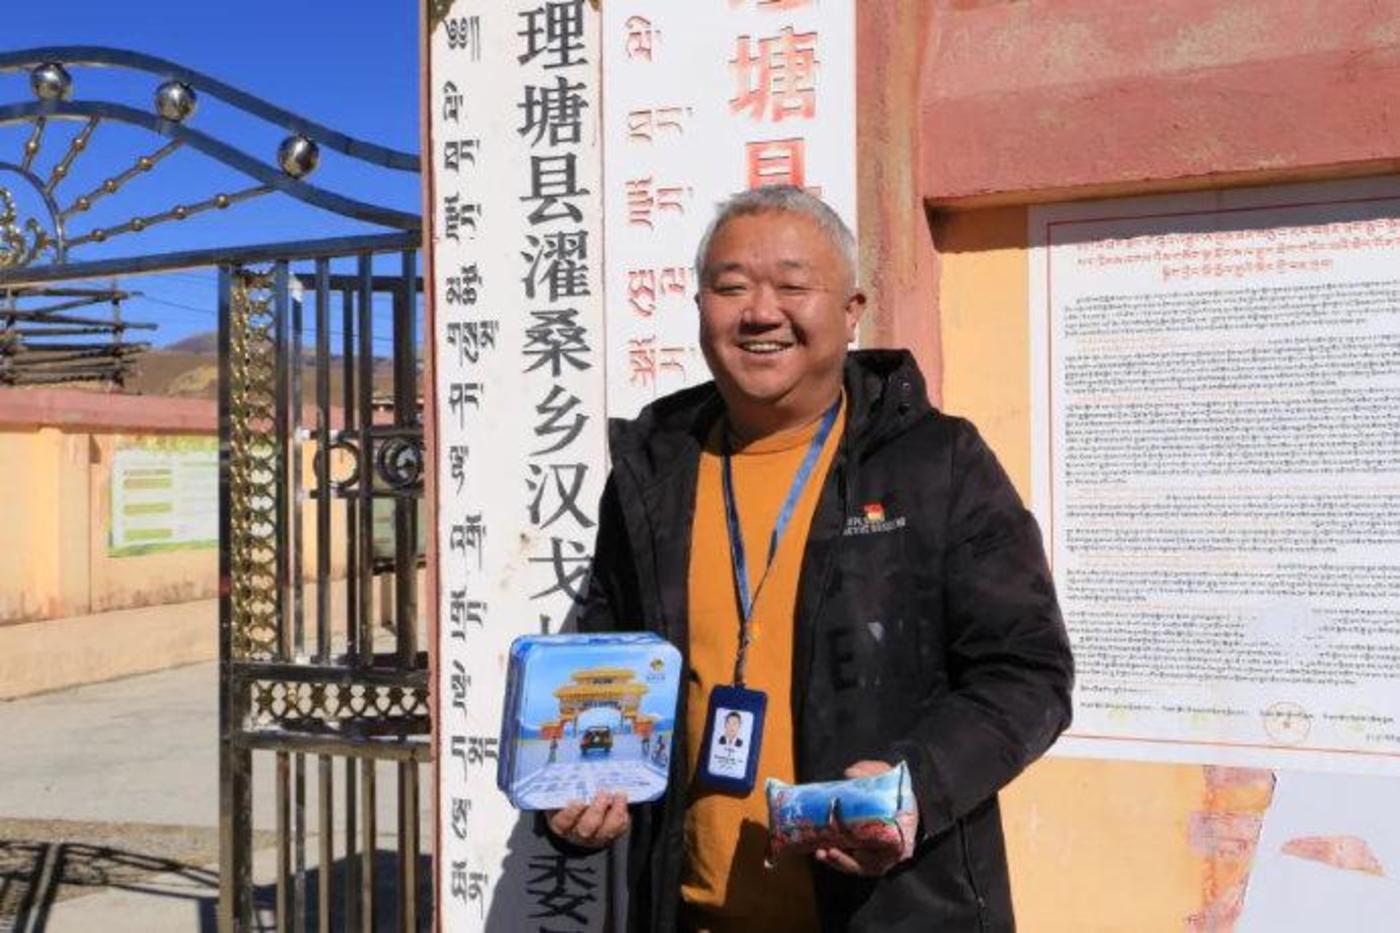 手持青稞曲奇的文雪松,图片来自:北青网